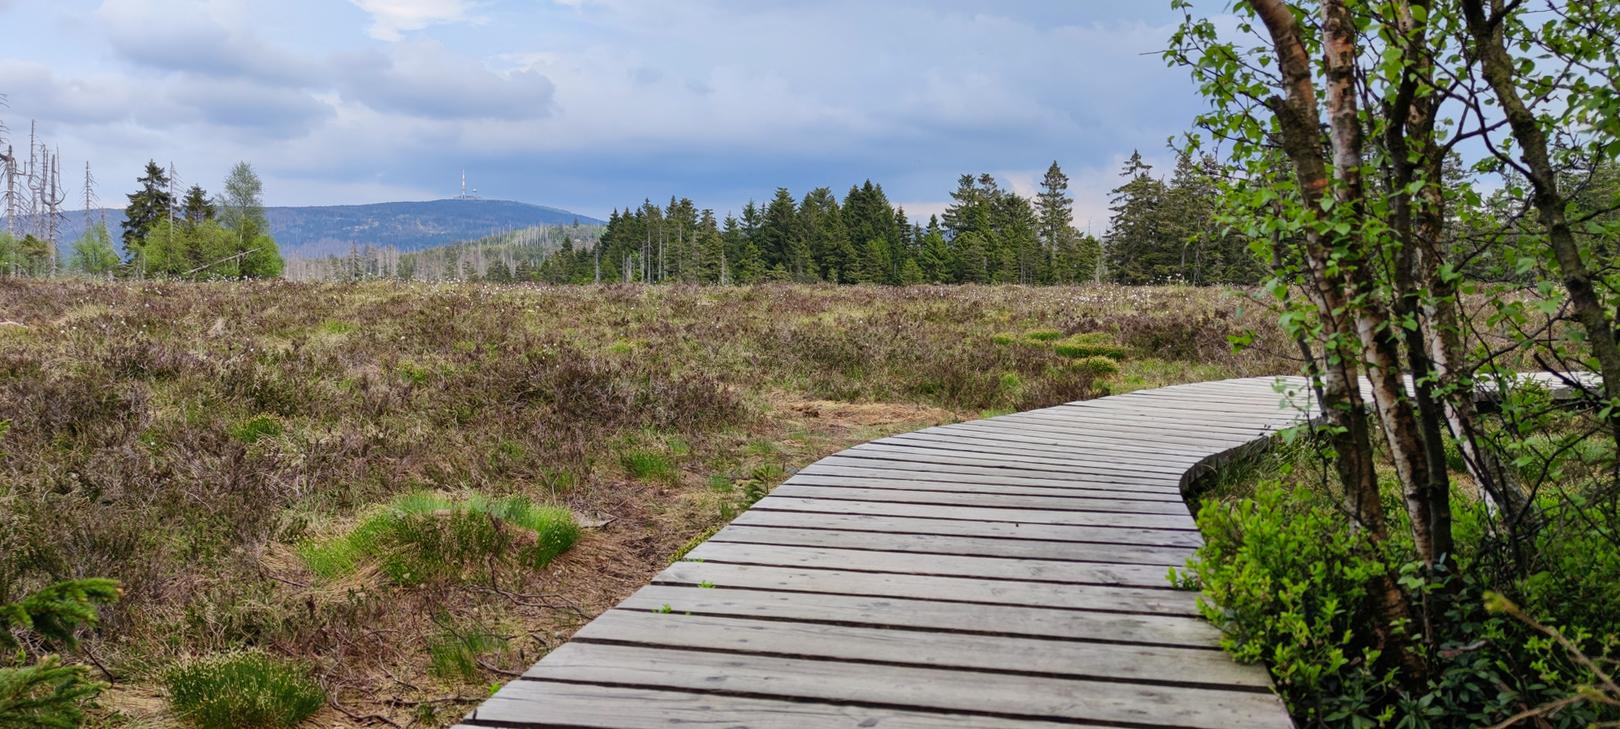 Großes Torfhausmoor mit Brocken im Hintergrund